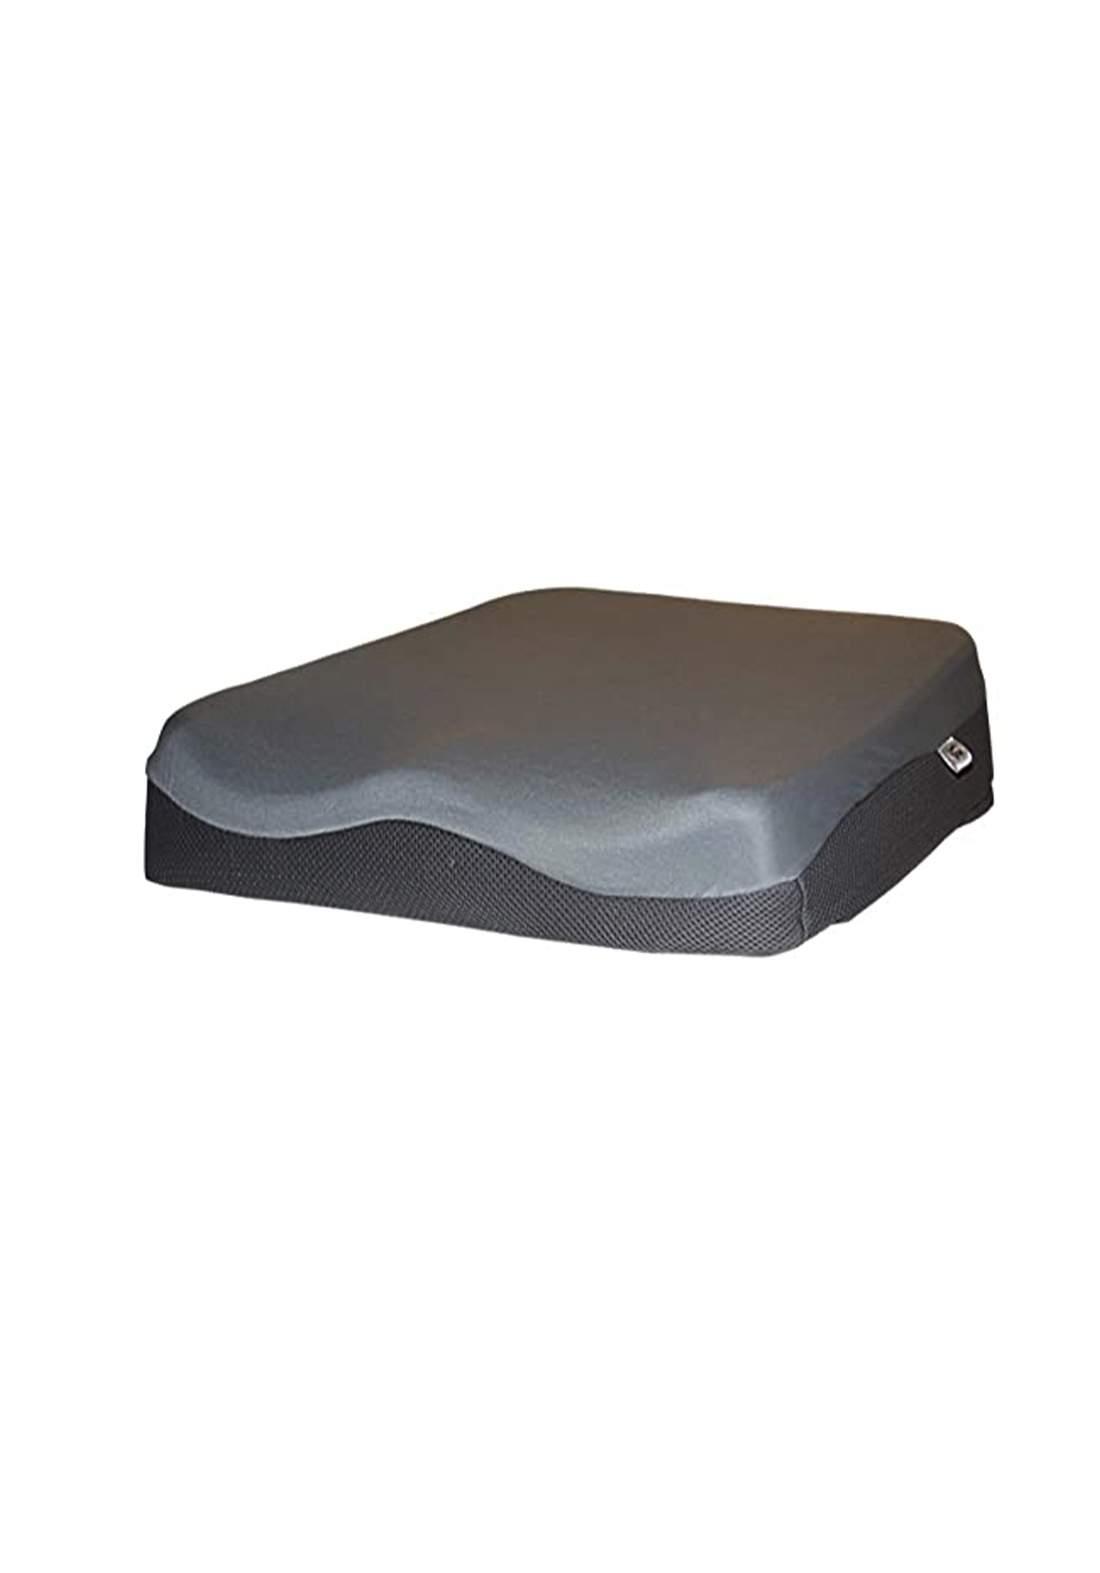 Tynor H-13 Coccyx Cushion Seat مقعد وسادة